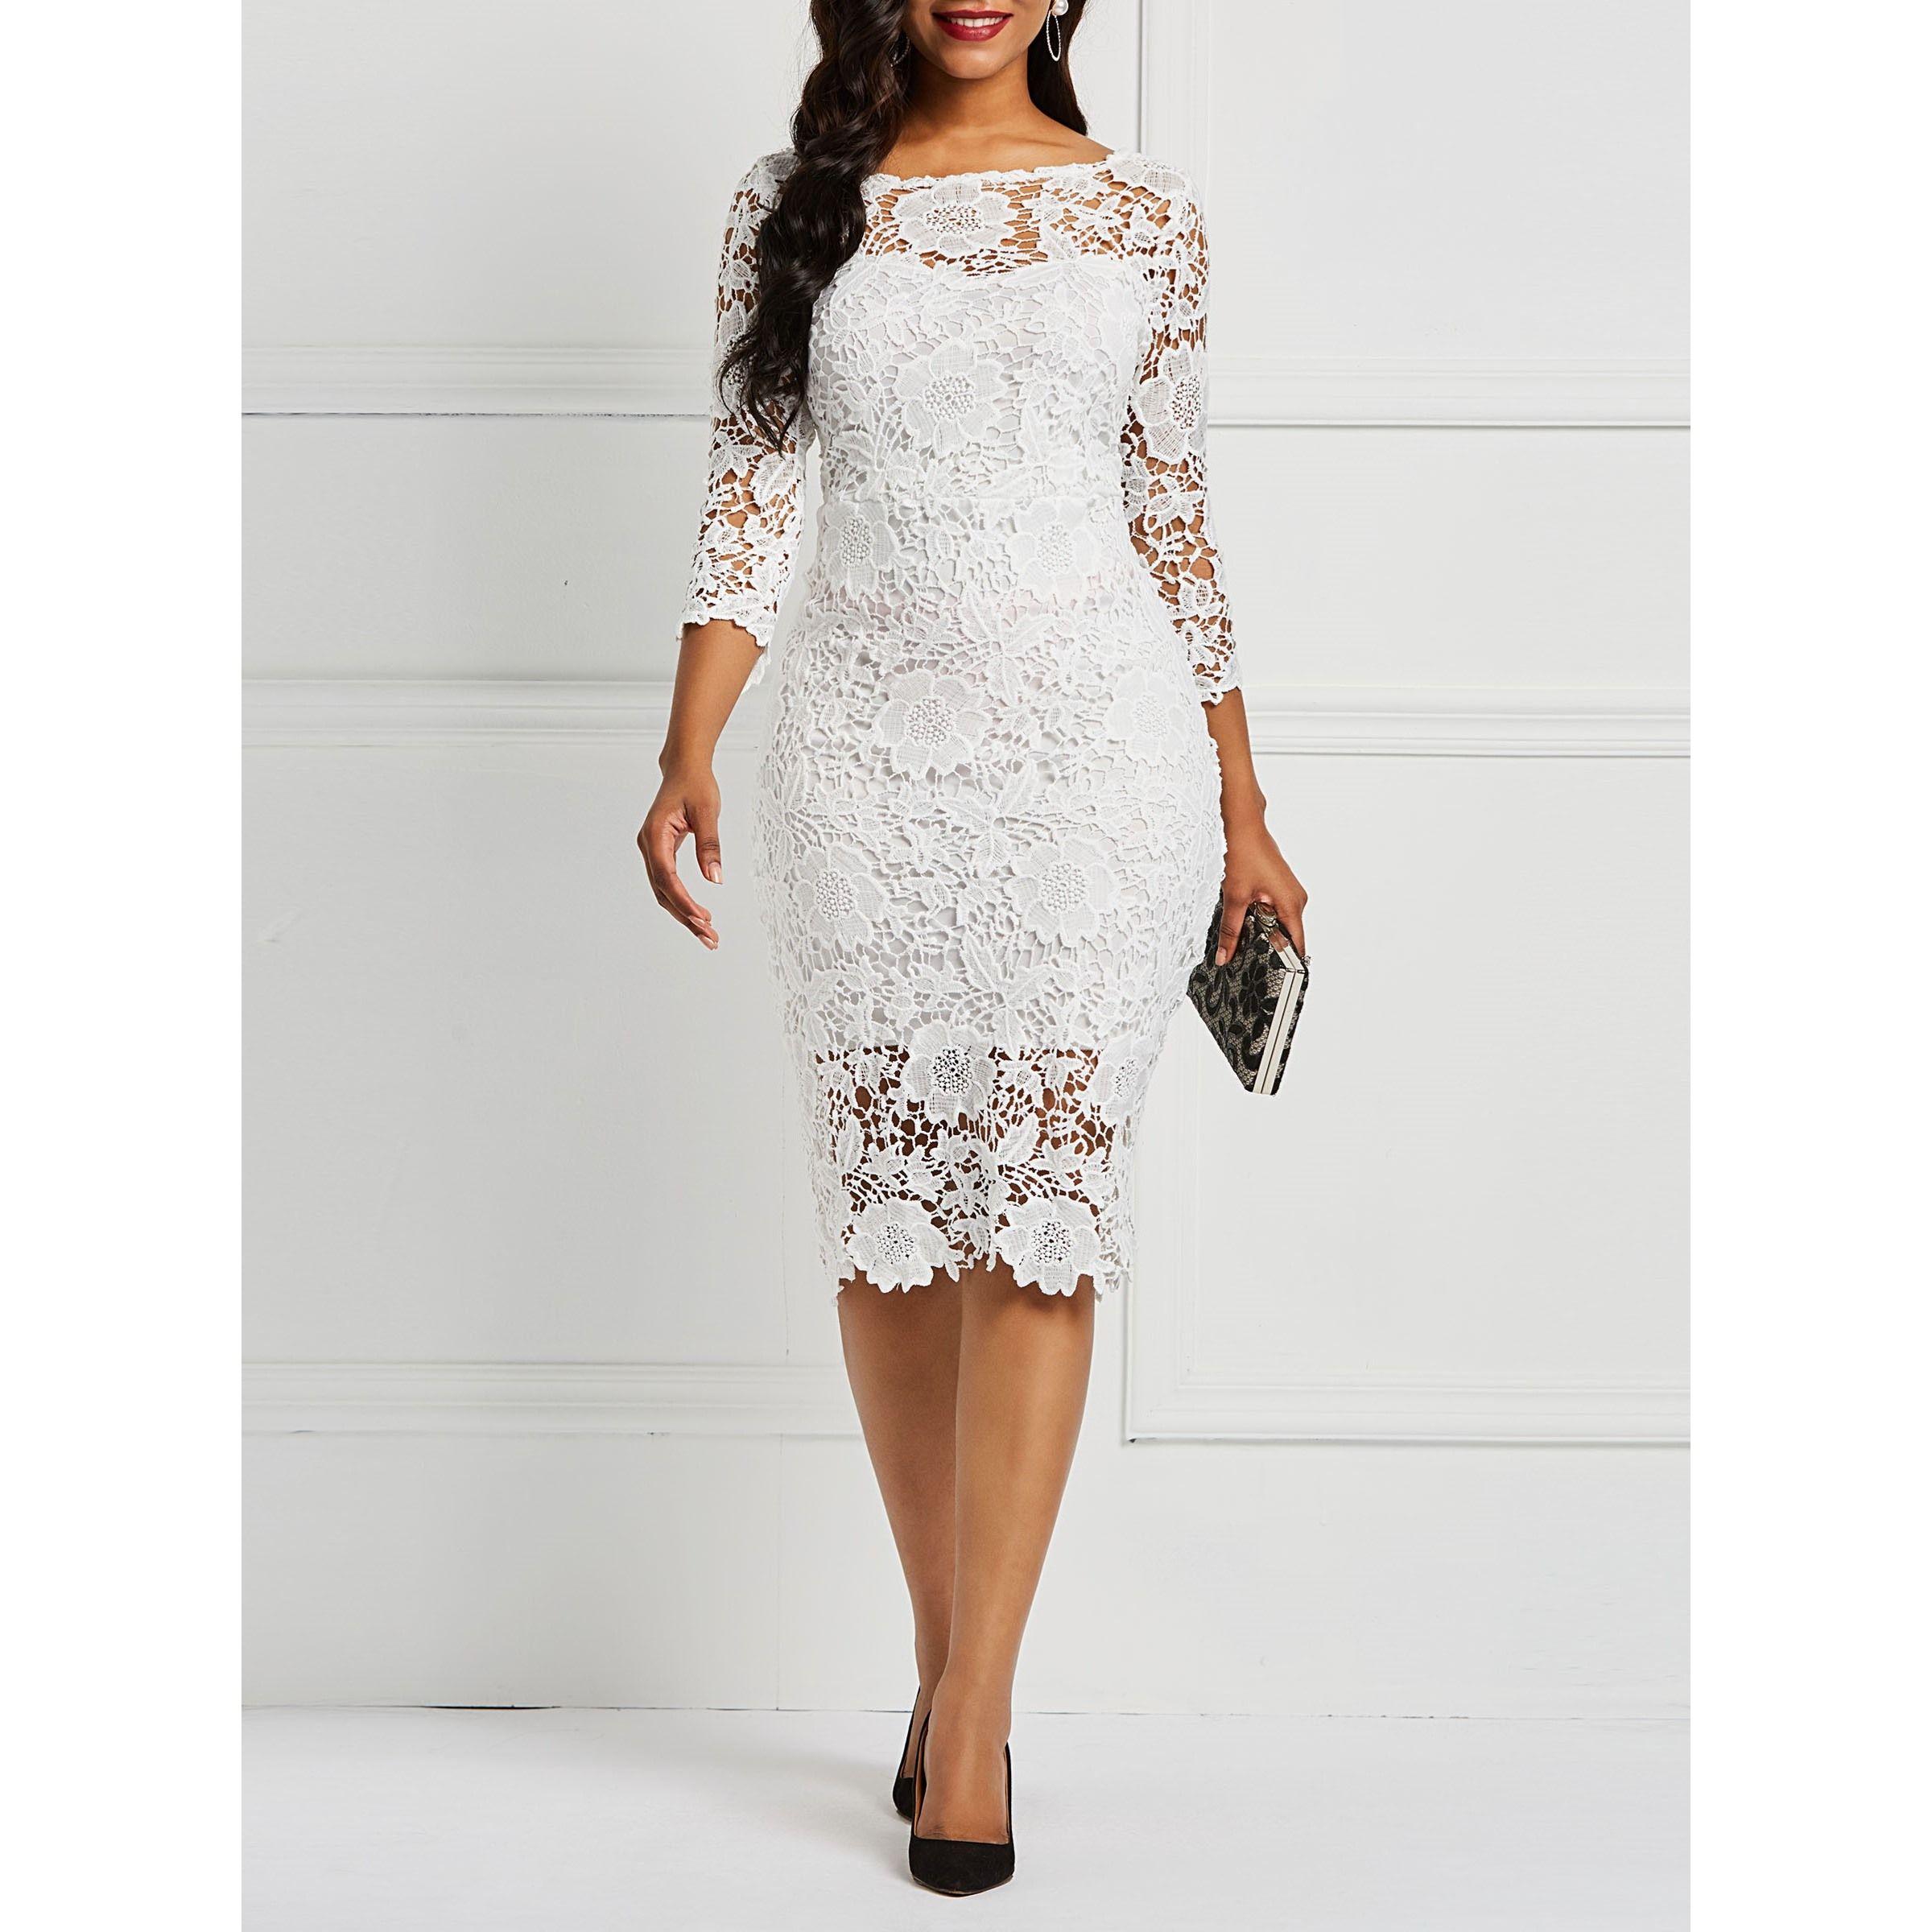 فستان دانتيل أبيض مجسم مثير موديل جديد Women Lace Dress Lace White Dress Lace Dress With Sleeves